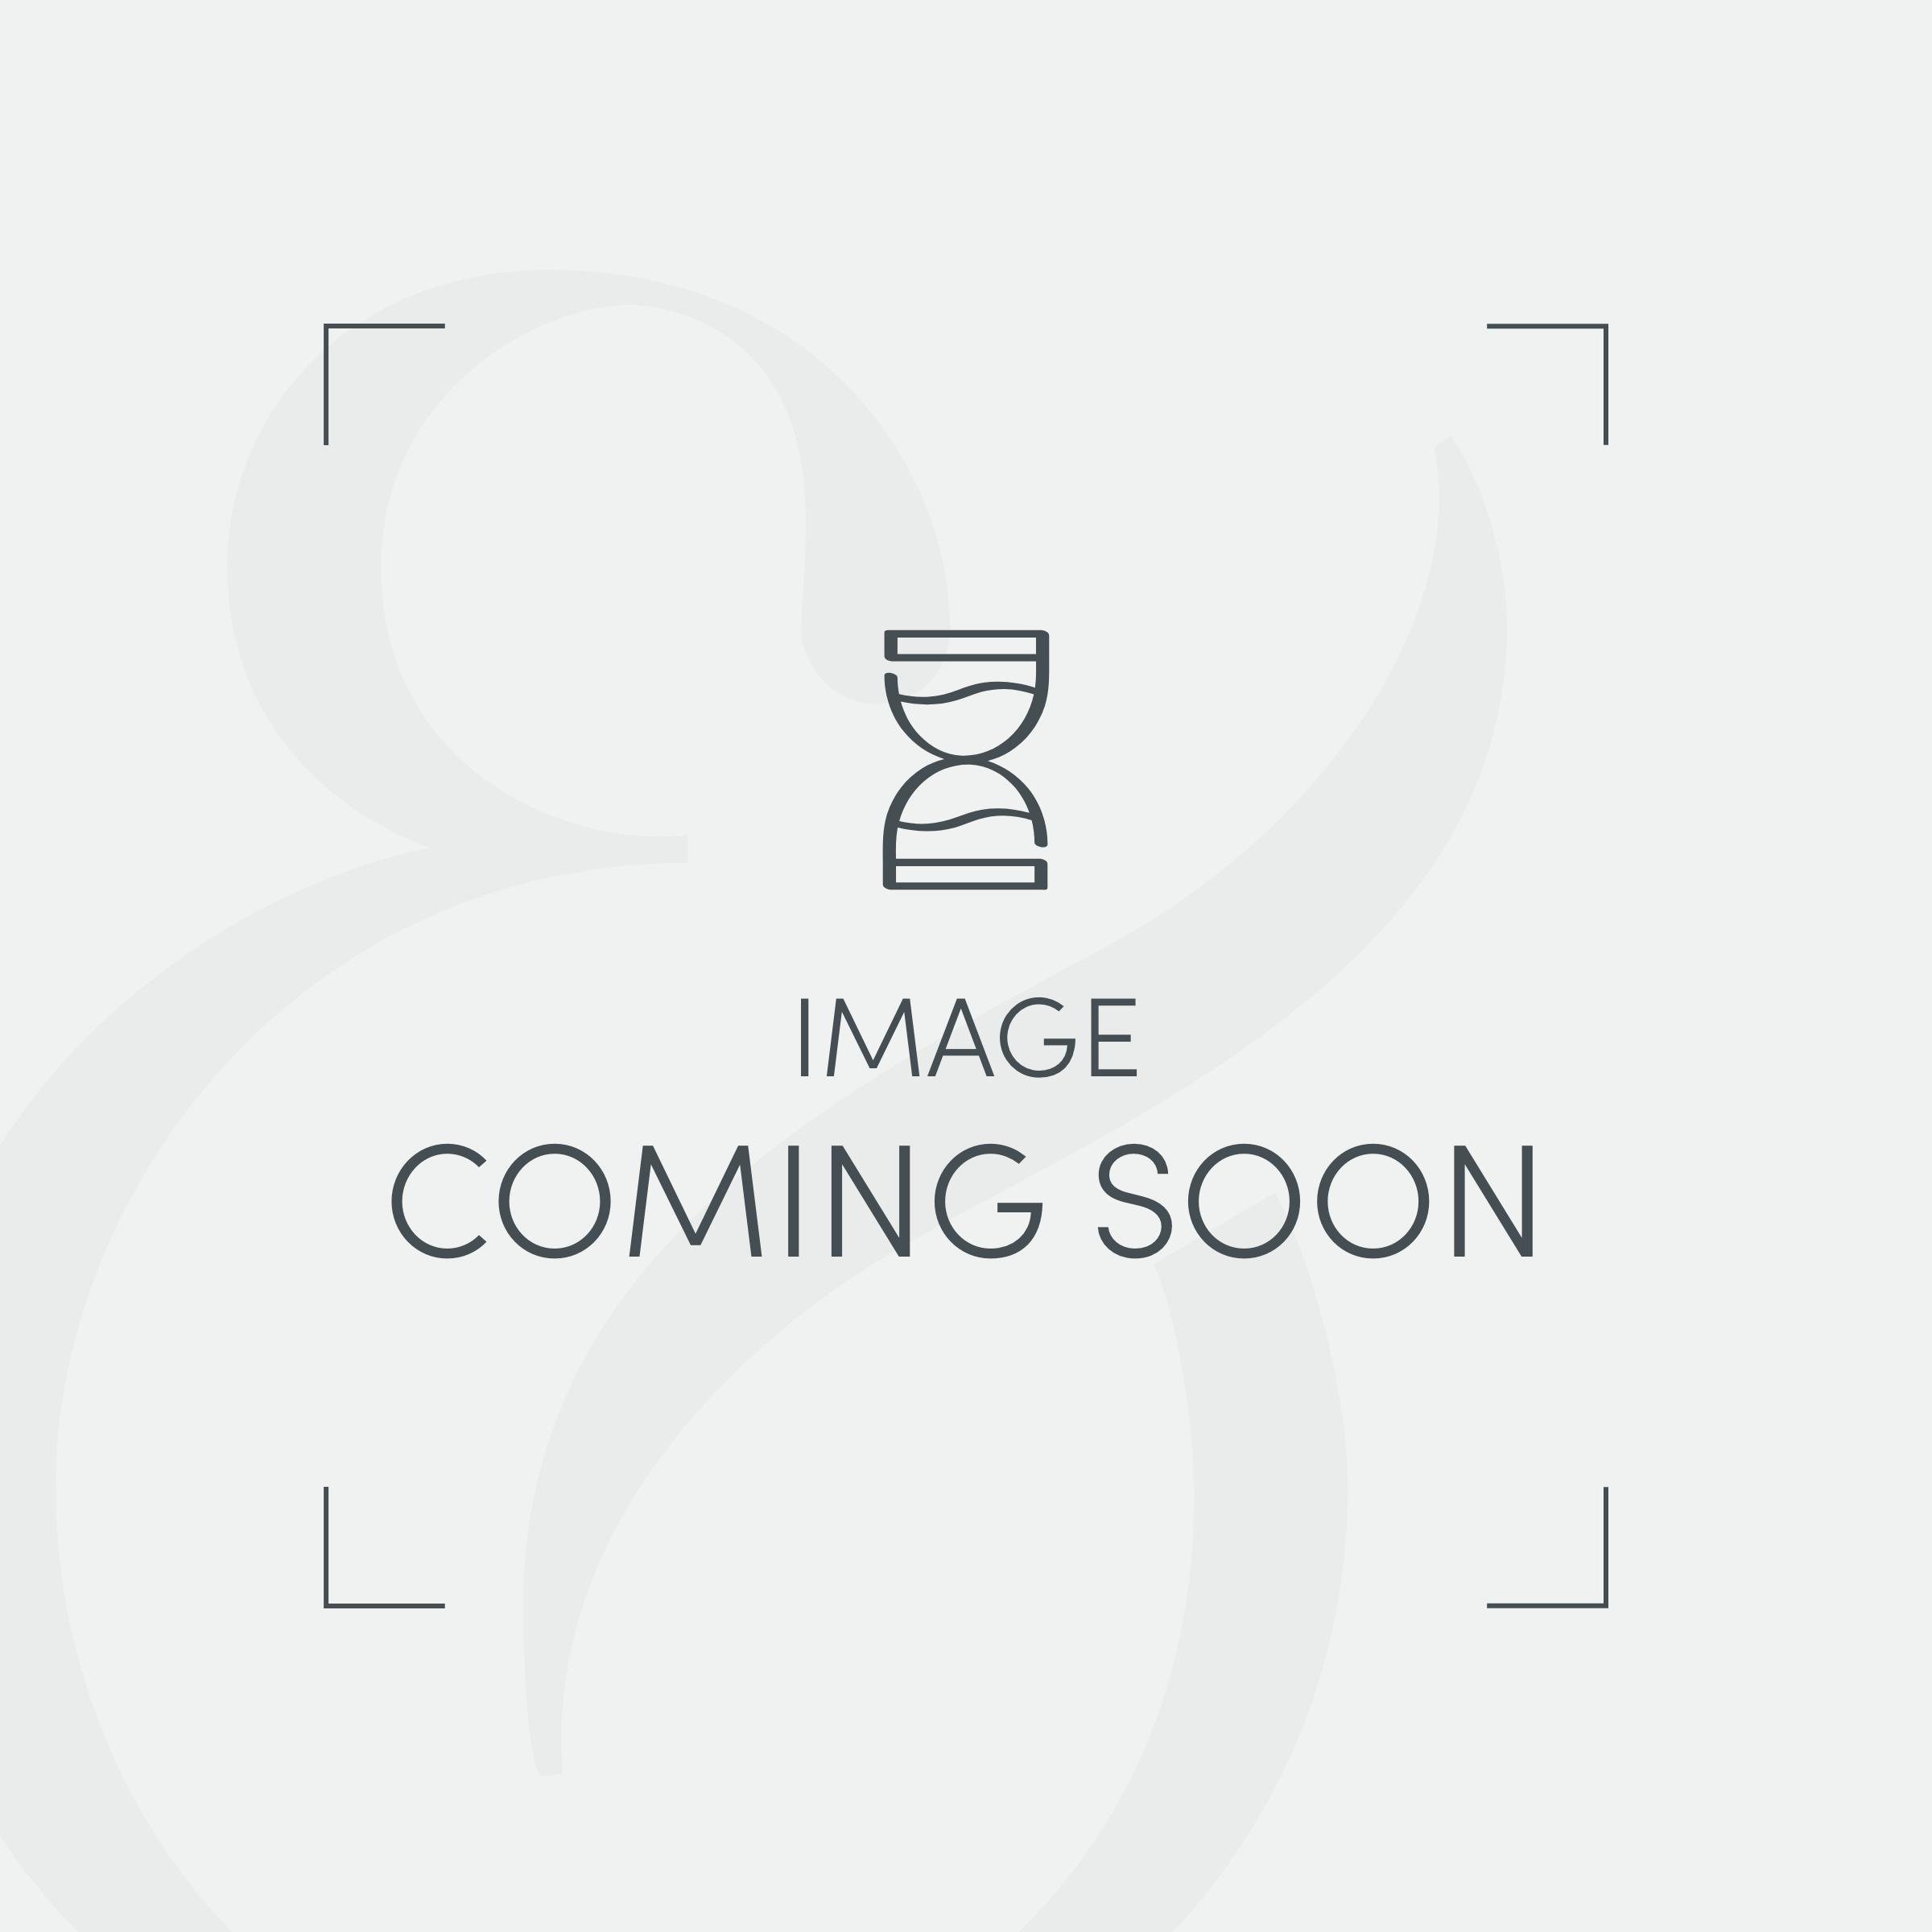 Memory Foam 1000 Pocket Spring Mattress - Medium/Firm